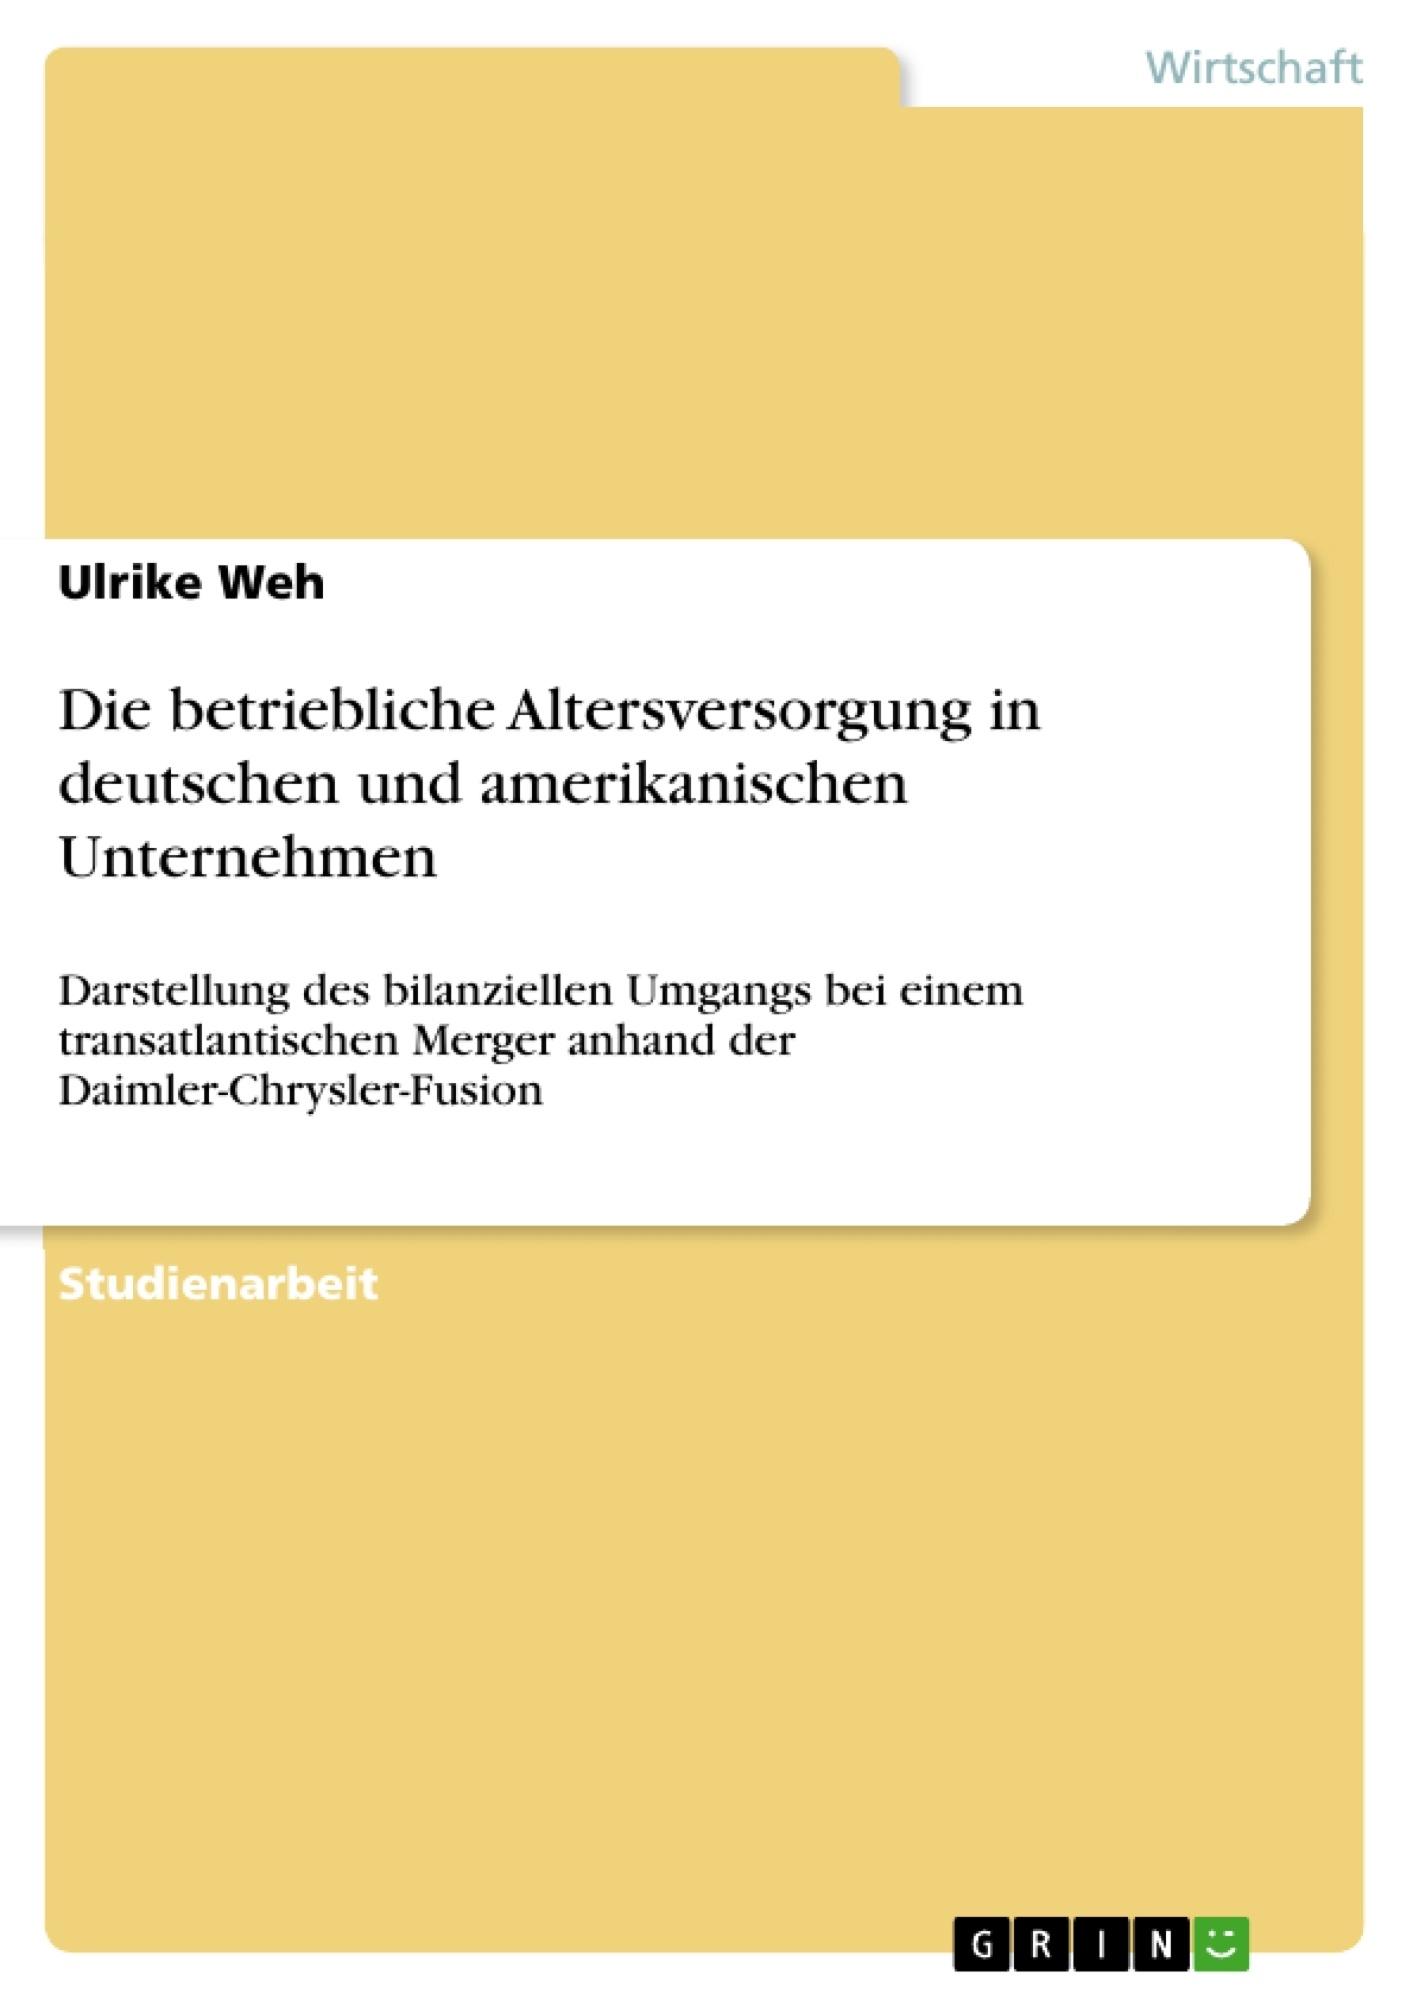 Titel: Die betriebliche Altersversorgung in deutschen und amerikanischen Unternehmen